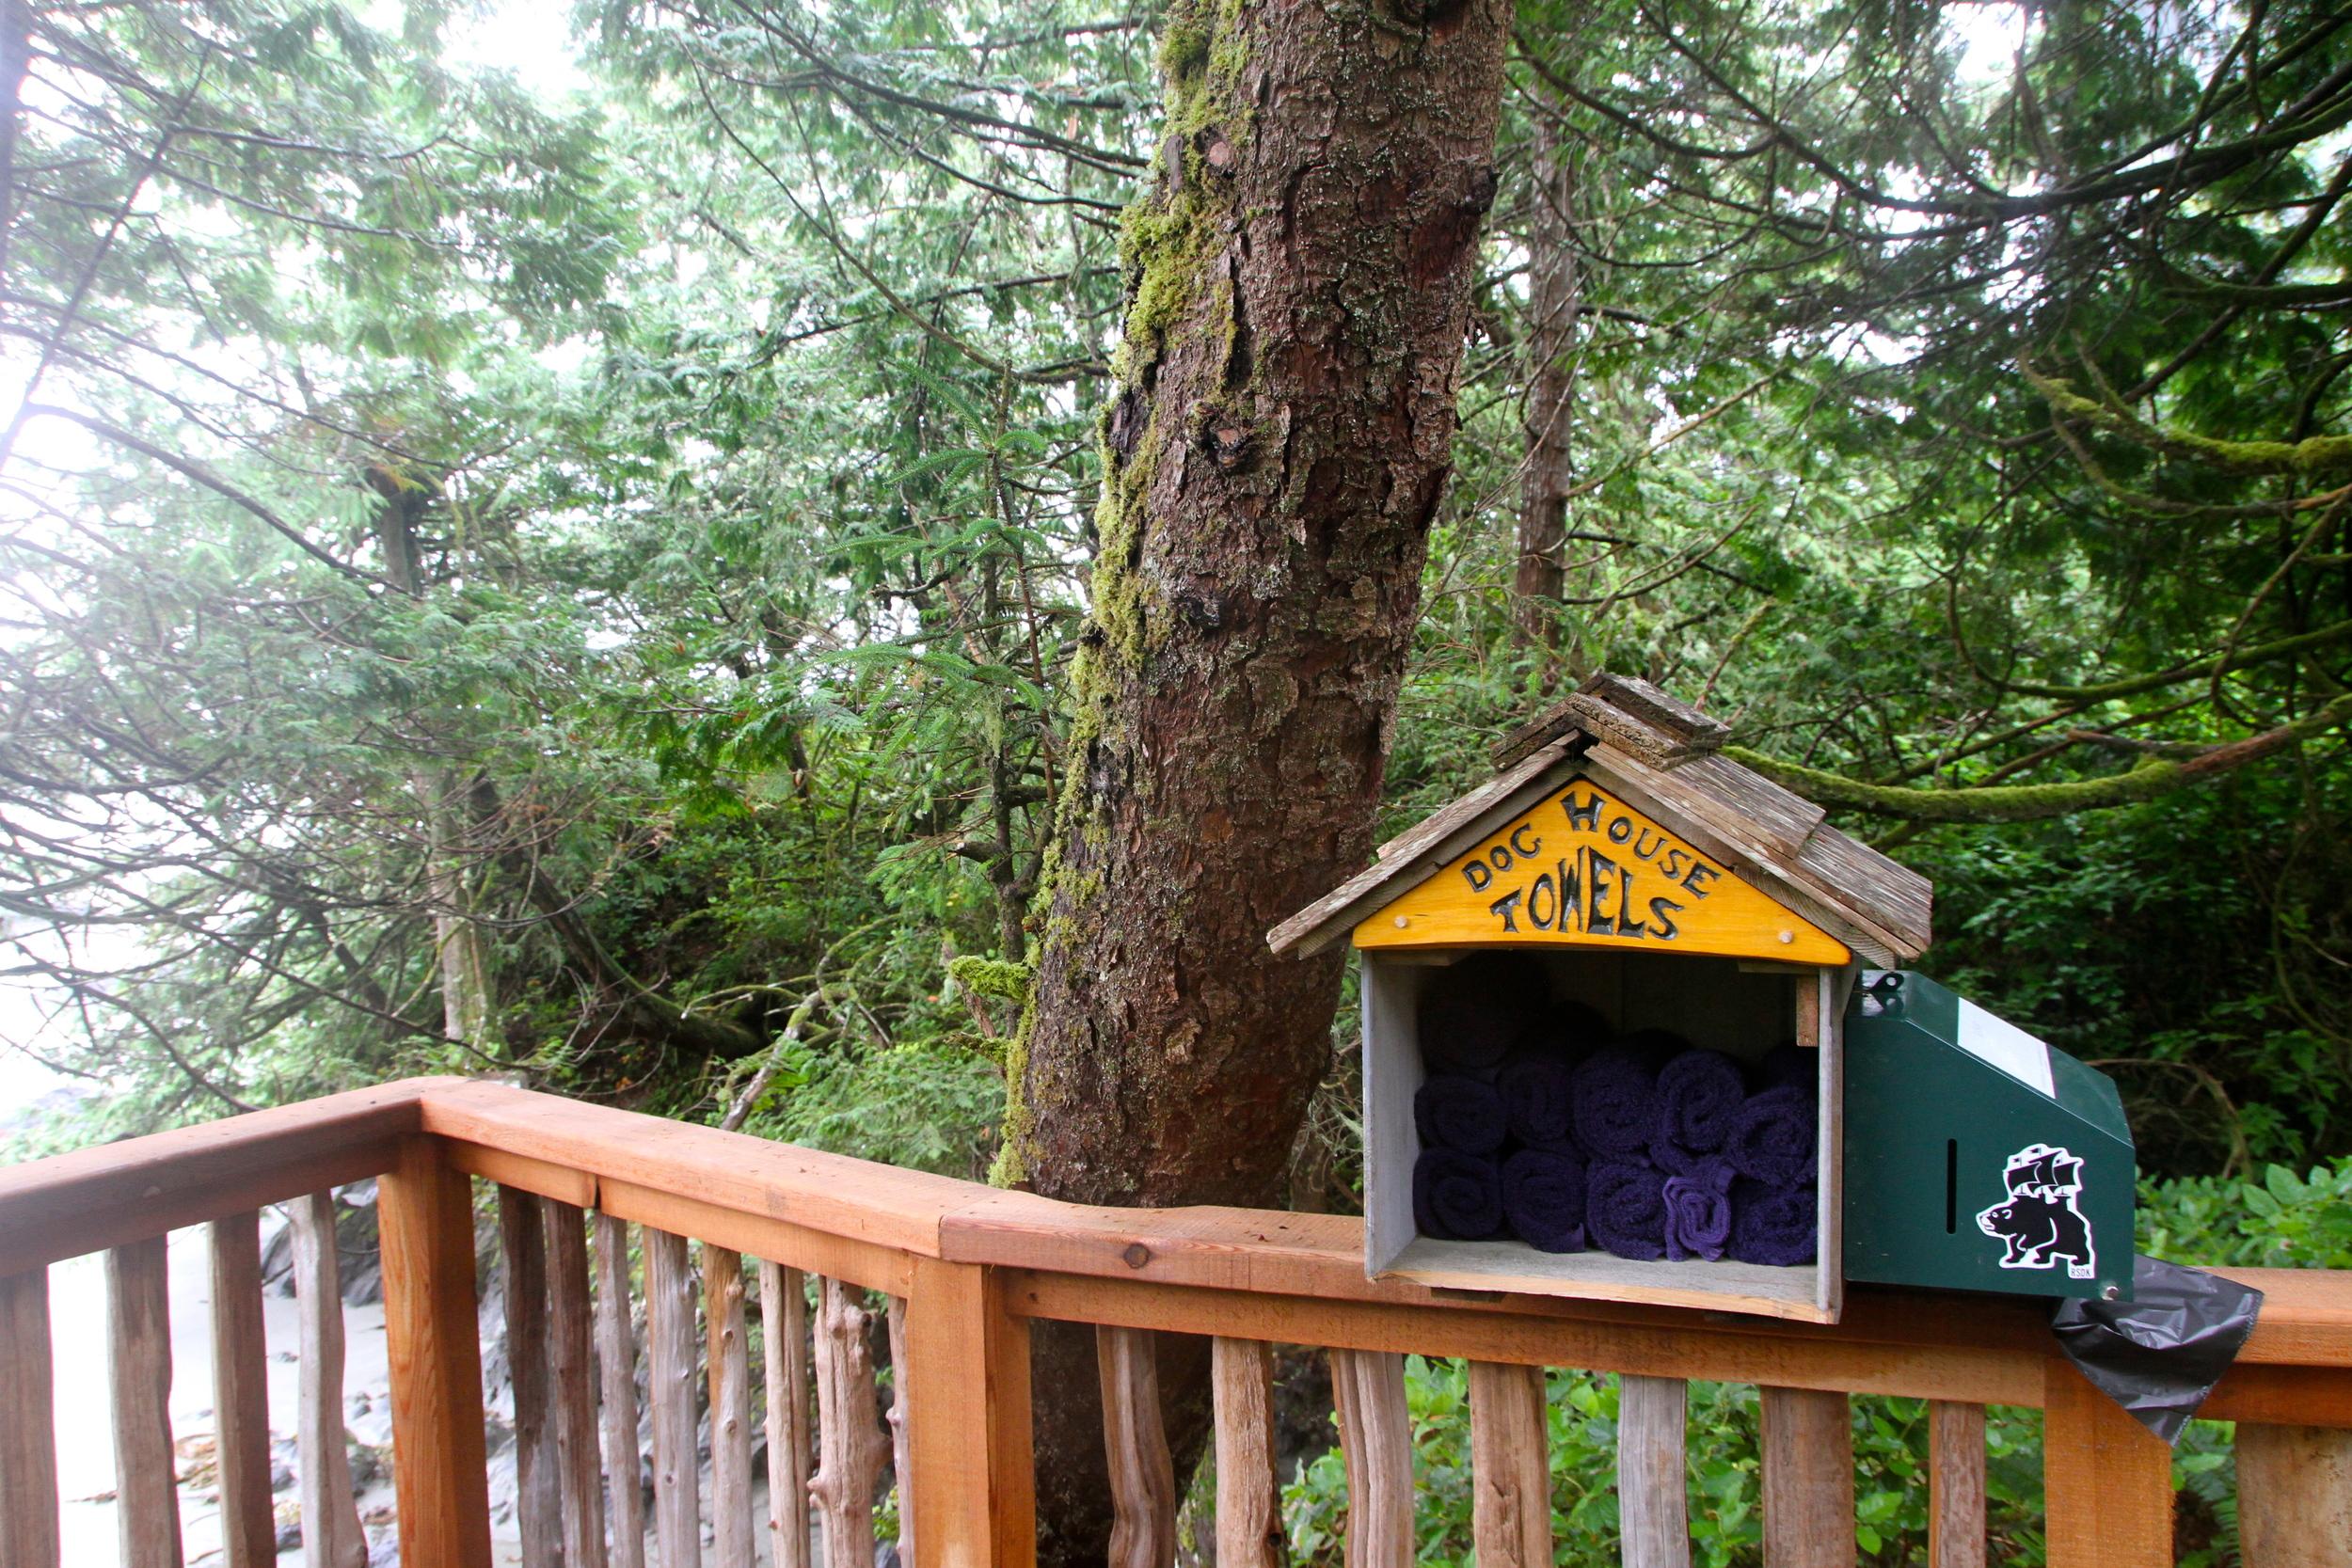 Such a great idea!The Wickaninnish Inn,Tofino, BC, Canada.